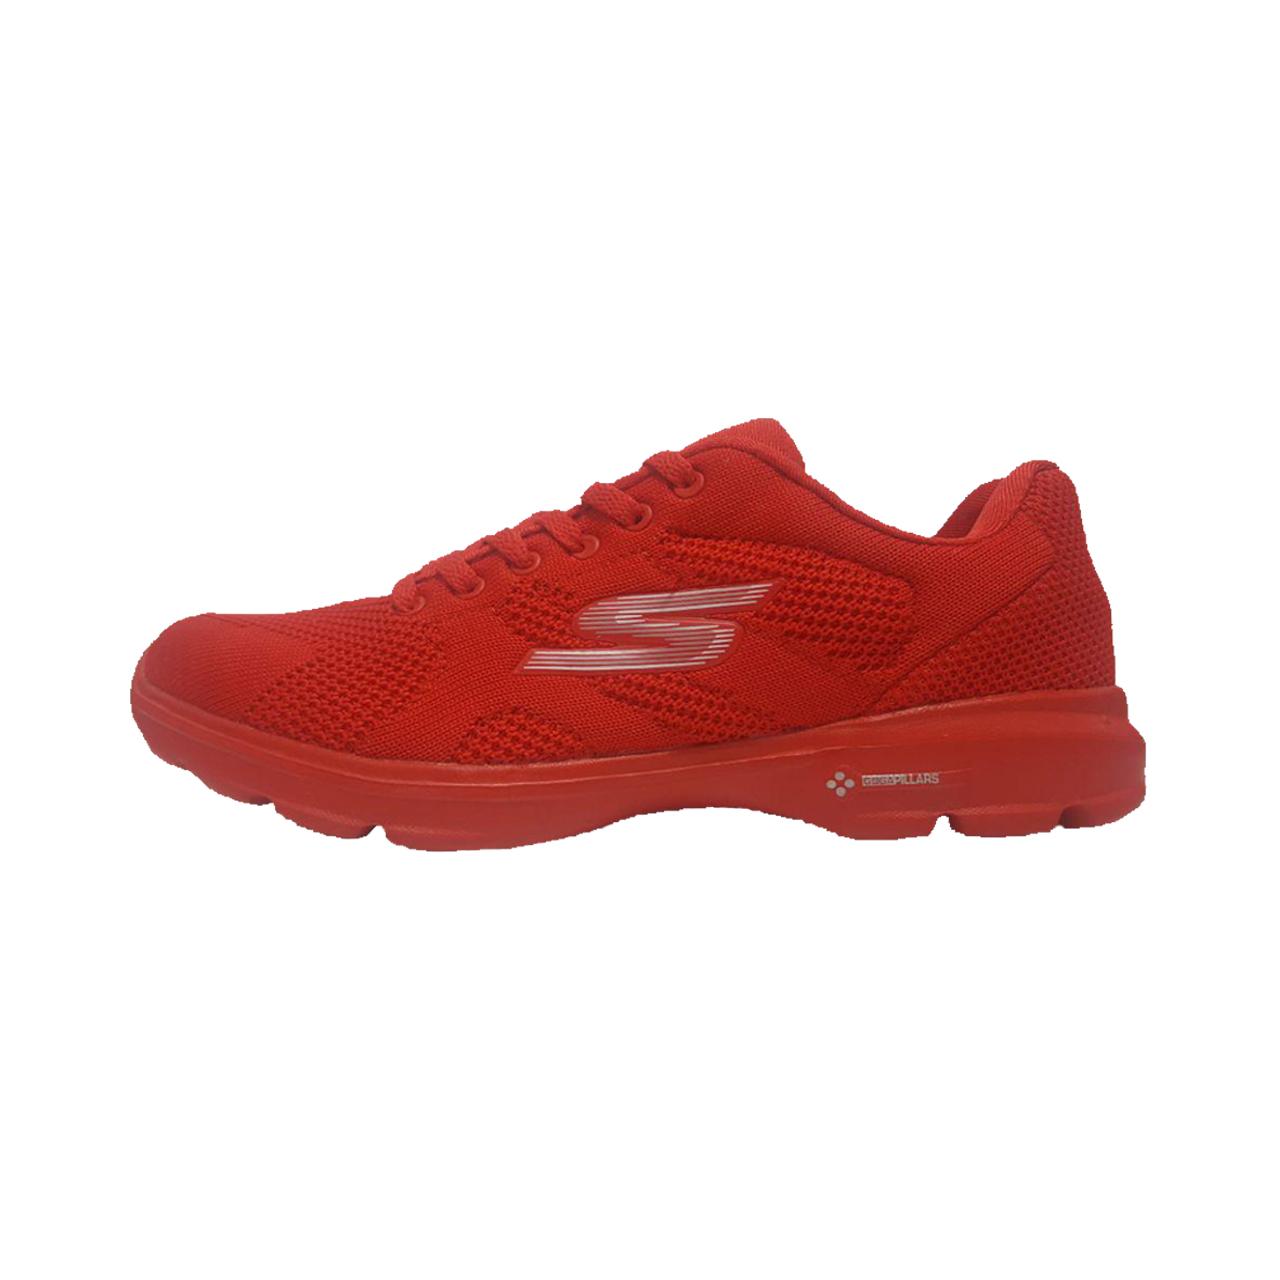 کفش مخصوص پیاده روی زنانه اسکیچرز مدل Go Walk 3